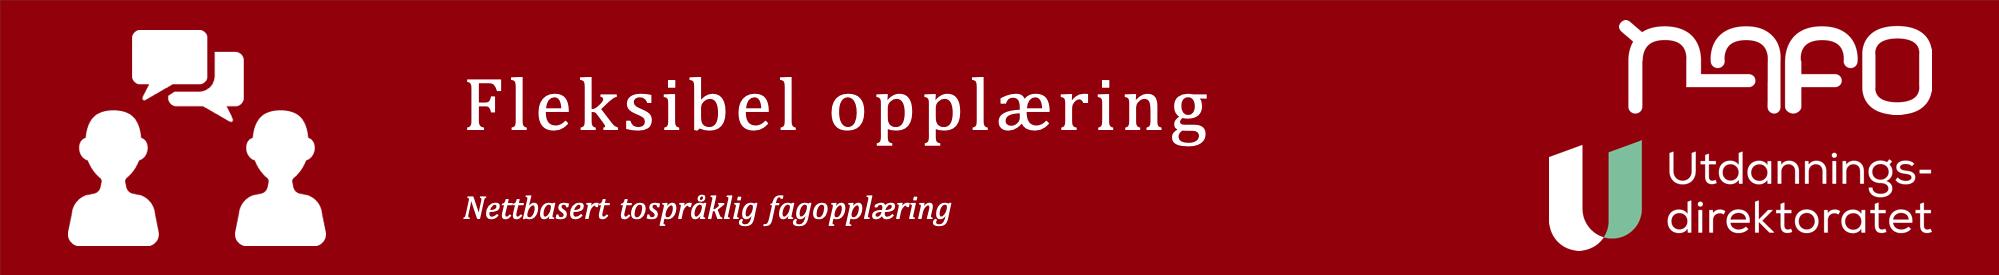 fleksibel oppl�ring banner